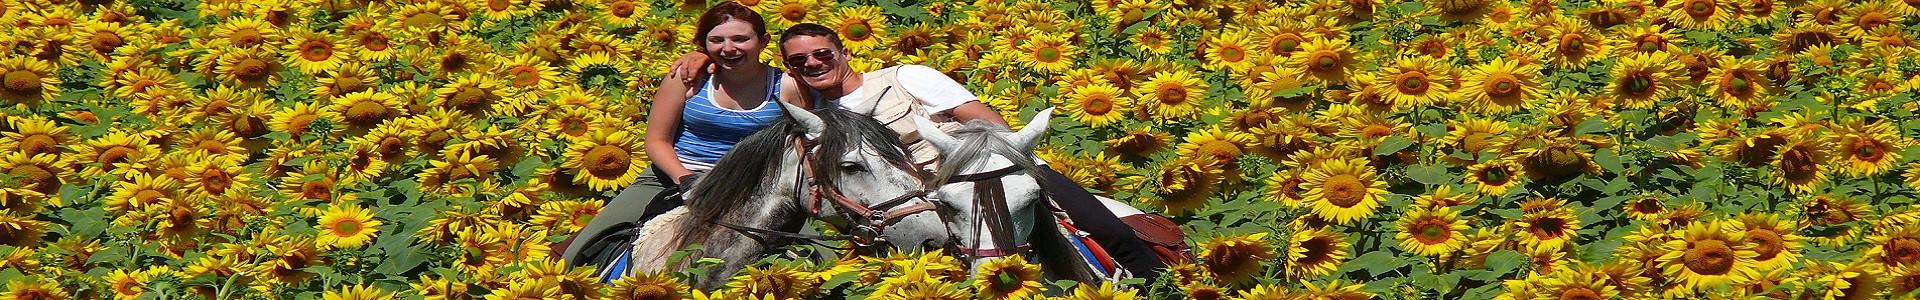 paardrij - vakanties - ruiterreis - wereldwijd - ruiterreizen - paardrijvakanties - Paardrijvakantie - Spanje - Scenic Travel